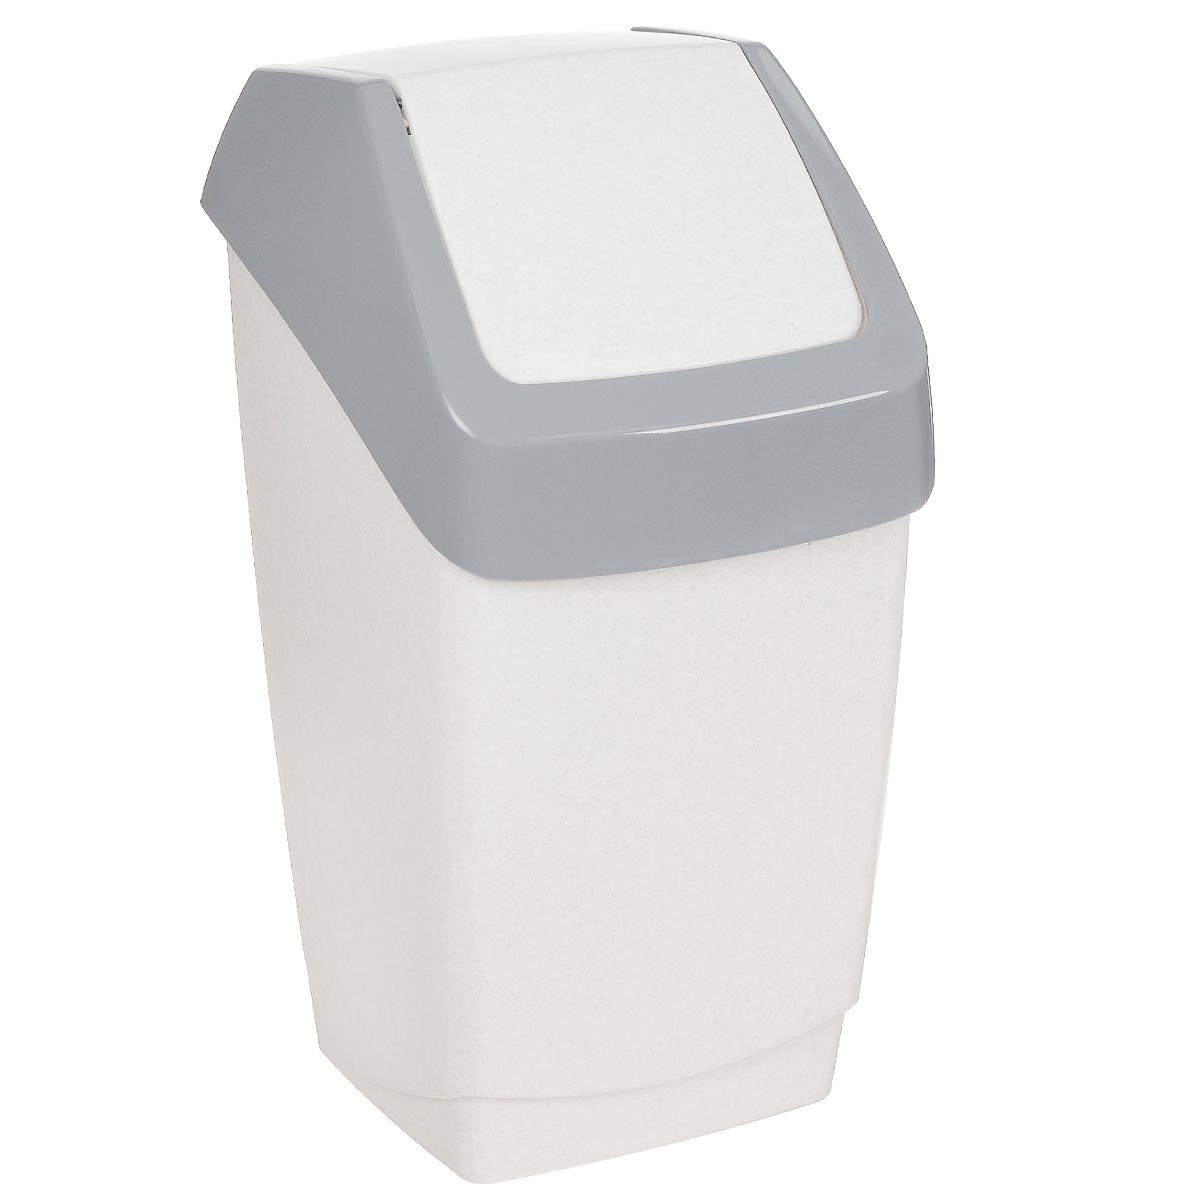 Контейнер для мусора Idea Хапс, цвет: белый мрамор, 15 л12723Контейнер для мусора Idea Хапс изготовлен из прочного полипропилена (пластика). Контейнер снабжен удобной съемной крышкой с подвижной перегородкой. Благодаря лаконичному дизайну такой контейнер идеально впишется в интерьер и дома, и офиса.